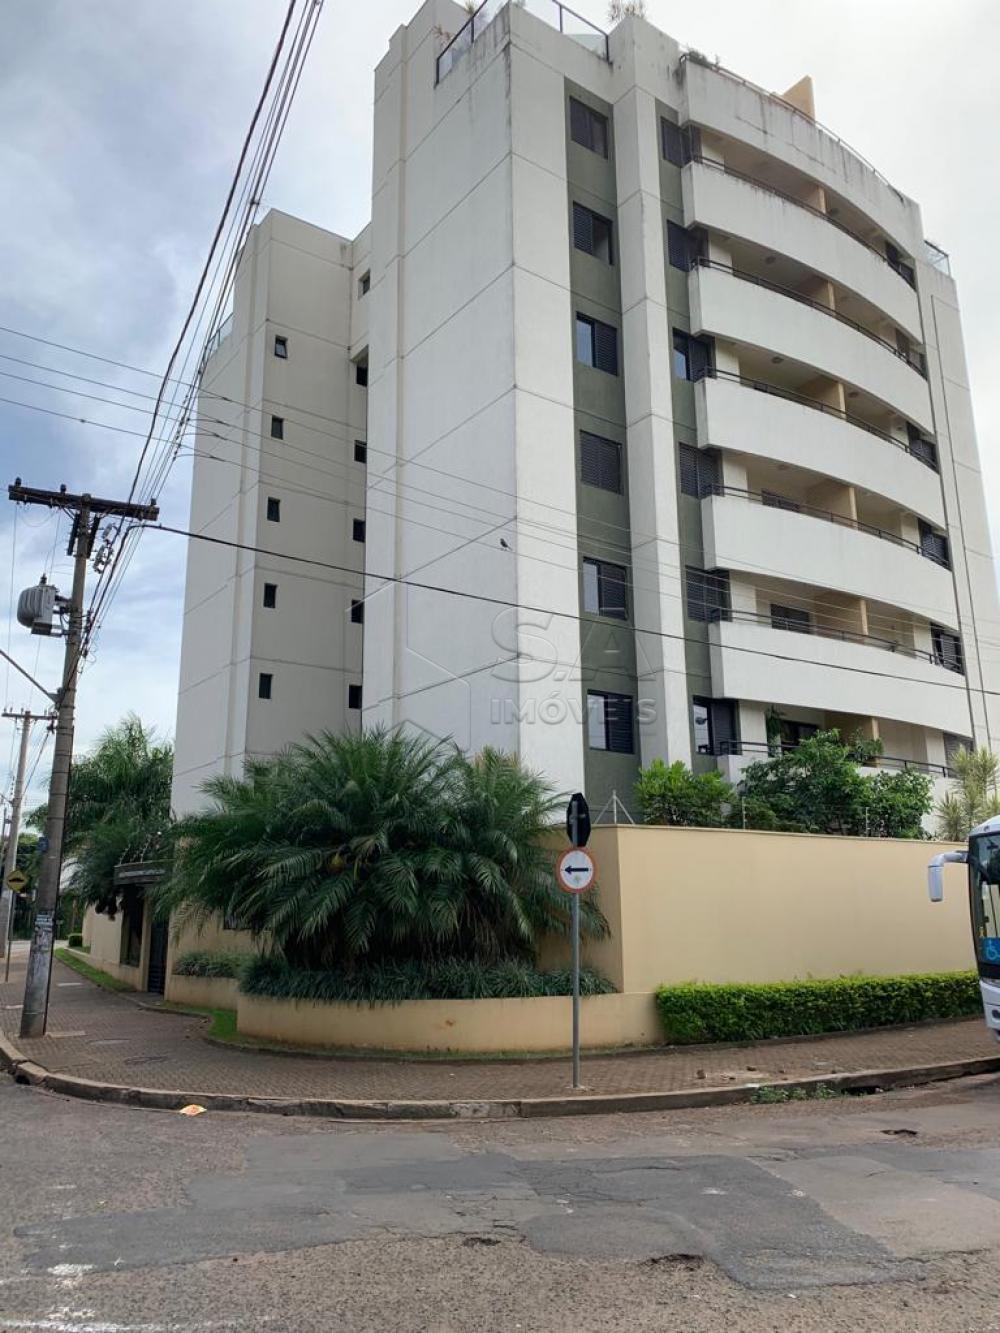 Comprar Apartamento / Padrão em São Carlos apenas R$ 300.000,00 - Foto 1